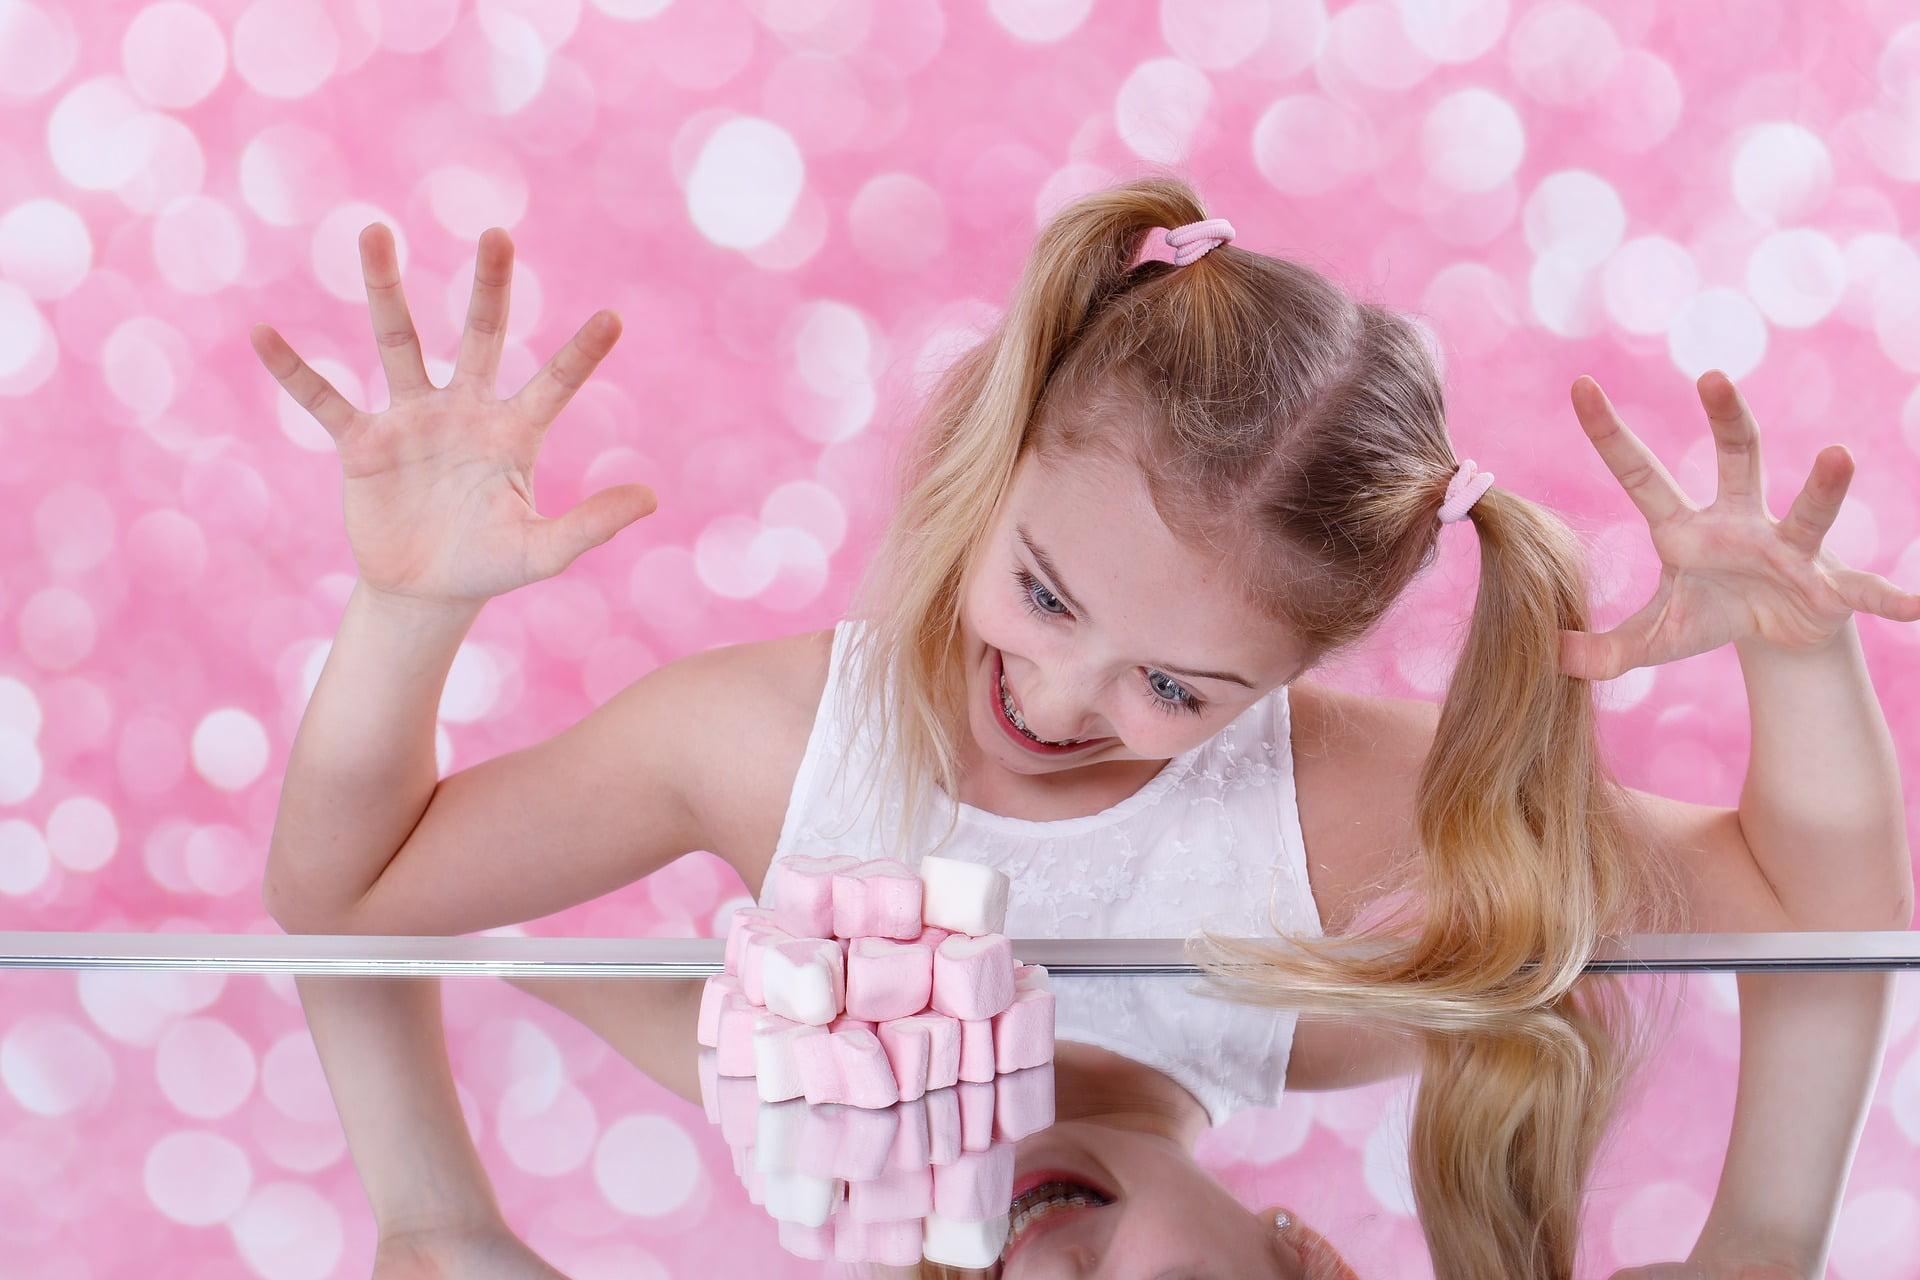 Cele mai eficiente metode de slabit pentru adolescente, care nu le pun sanatatea in pericol